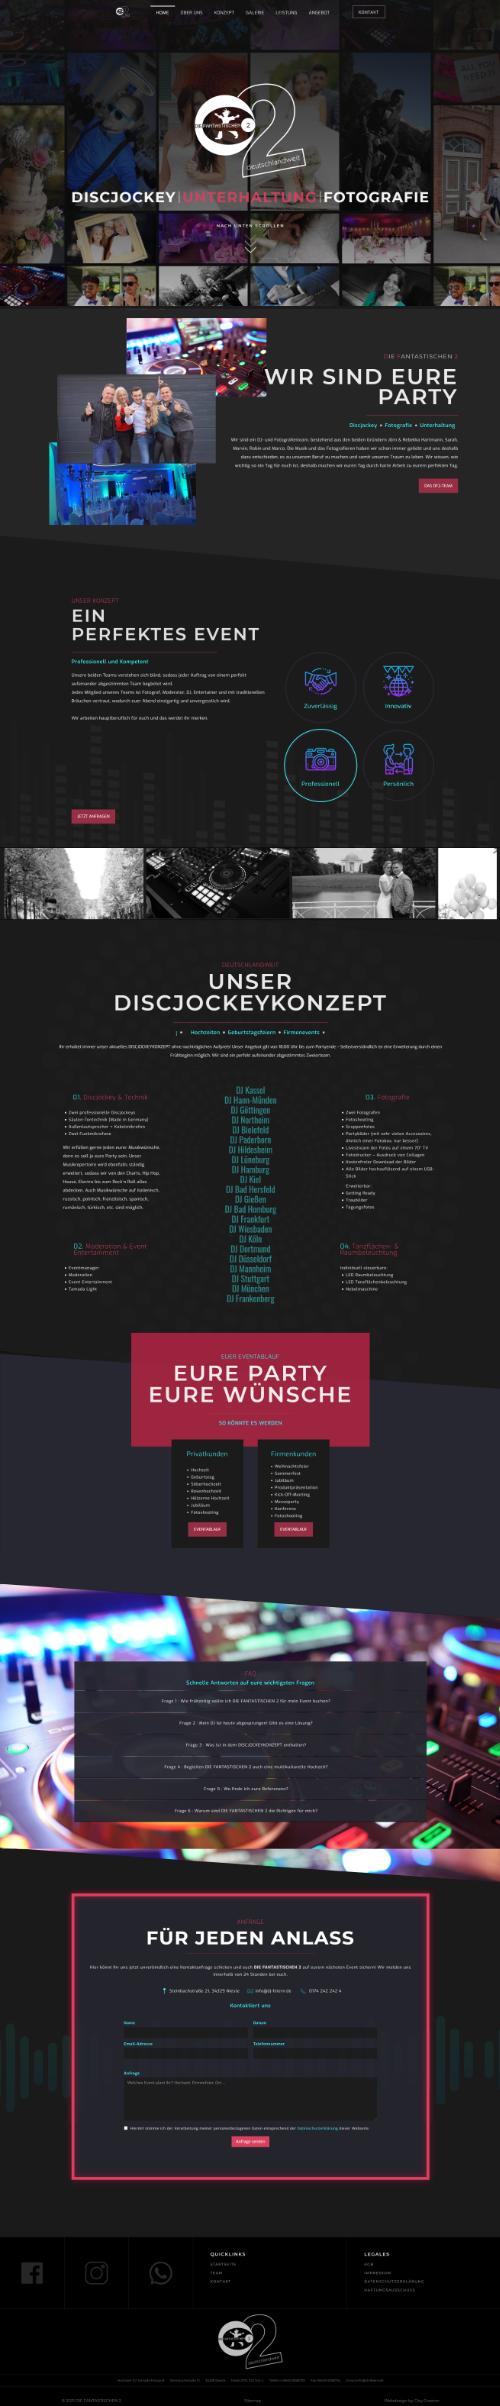 Desktopvorschau für die Webseite dj-feier.de